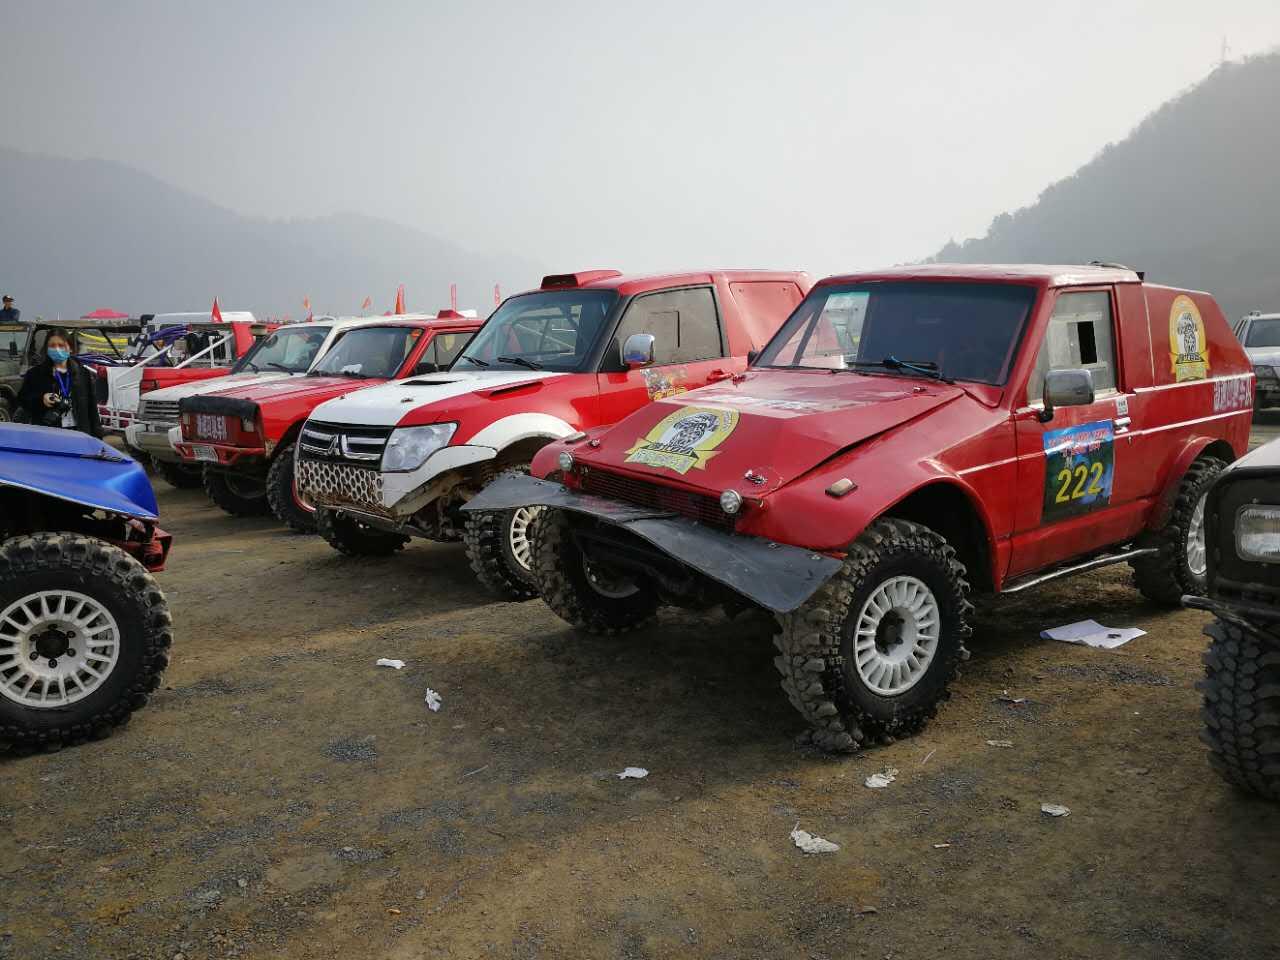 400多台越野车参加了三个组别的比赛,上演一场激烈精彩的汽车越野大赛